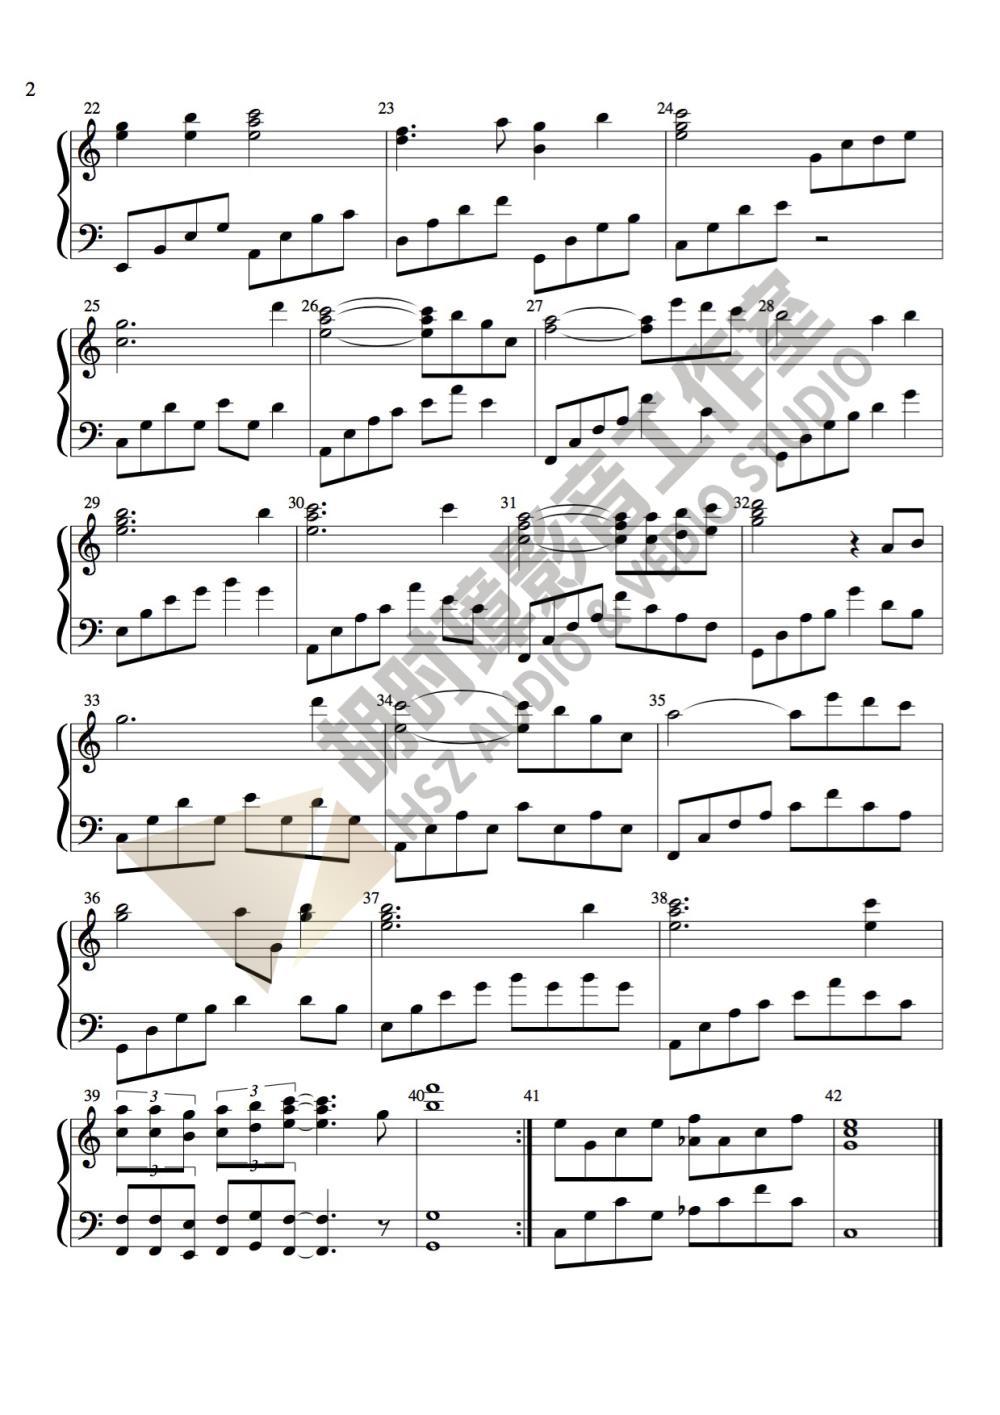 张惠妹《听海》纯伴奏钢琴谱-胡时璋影音工作室出品